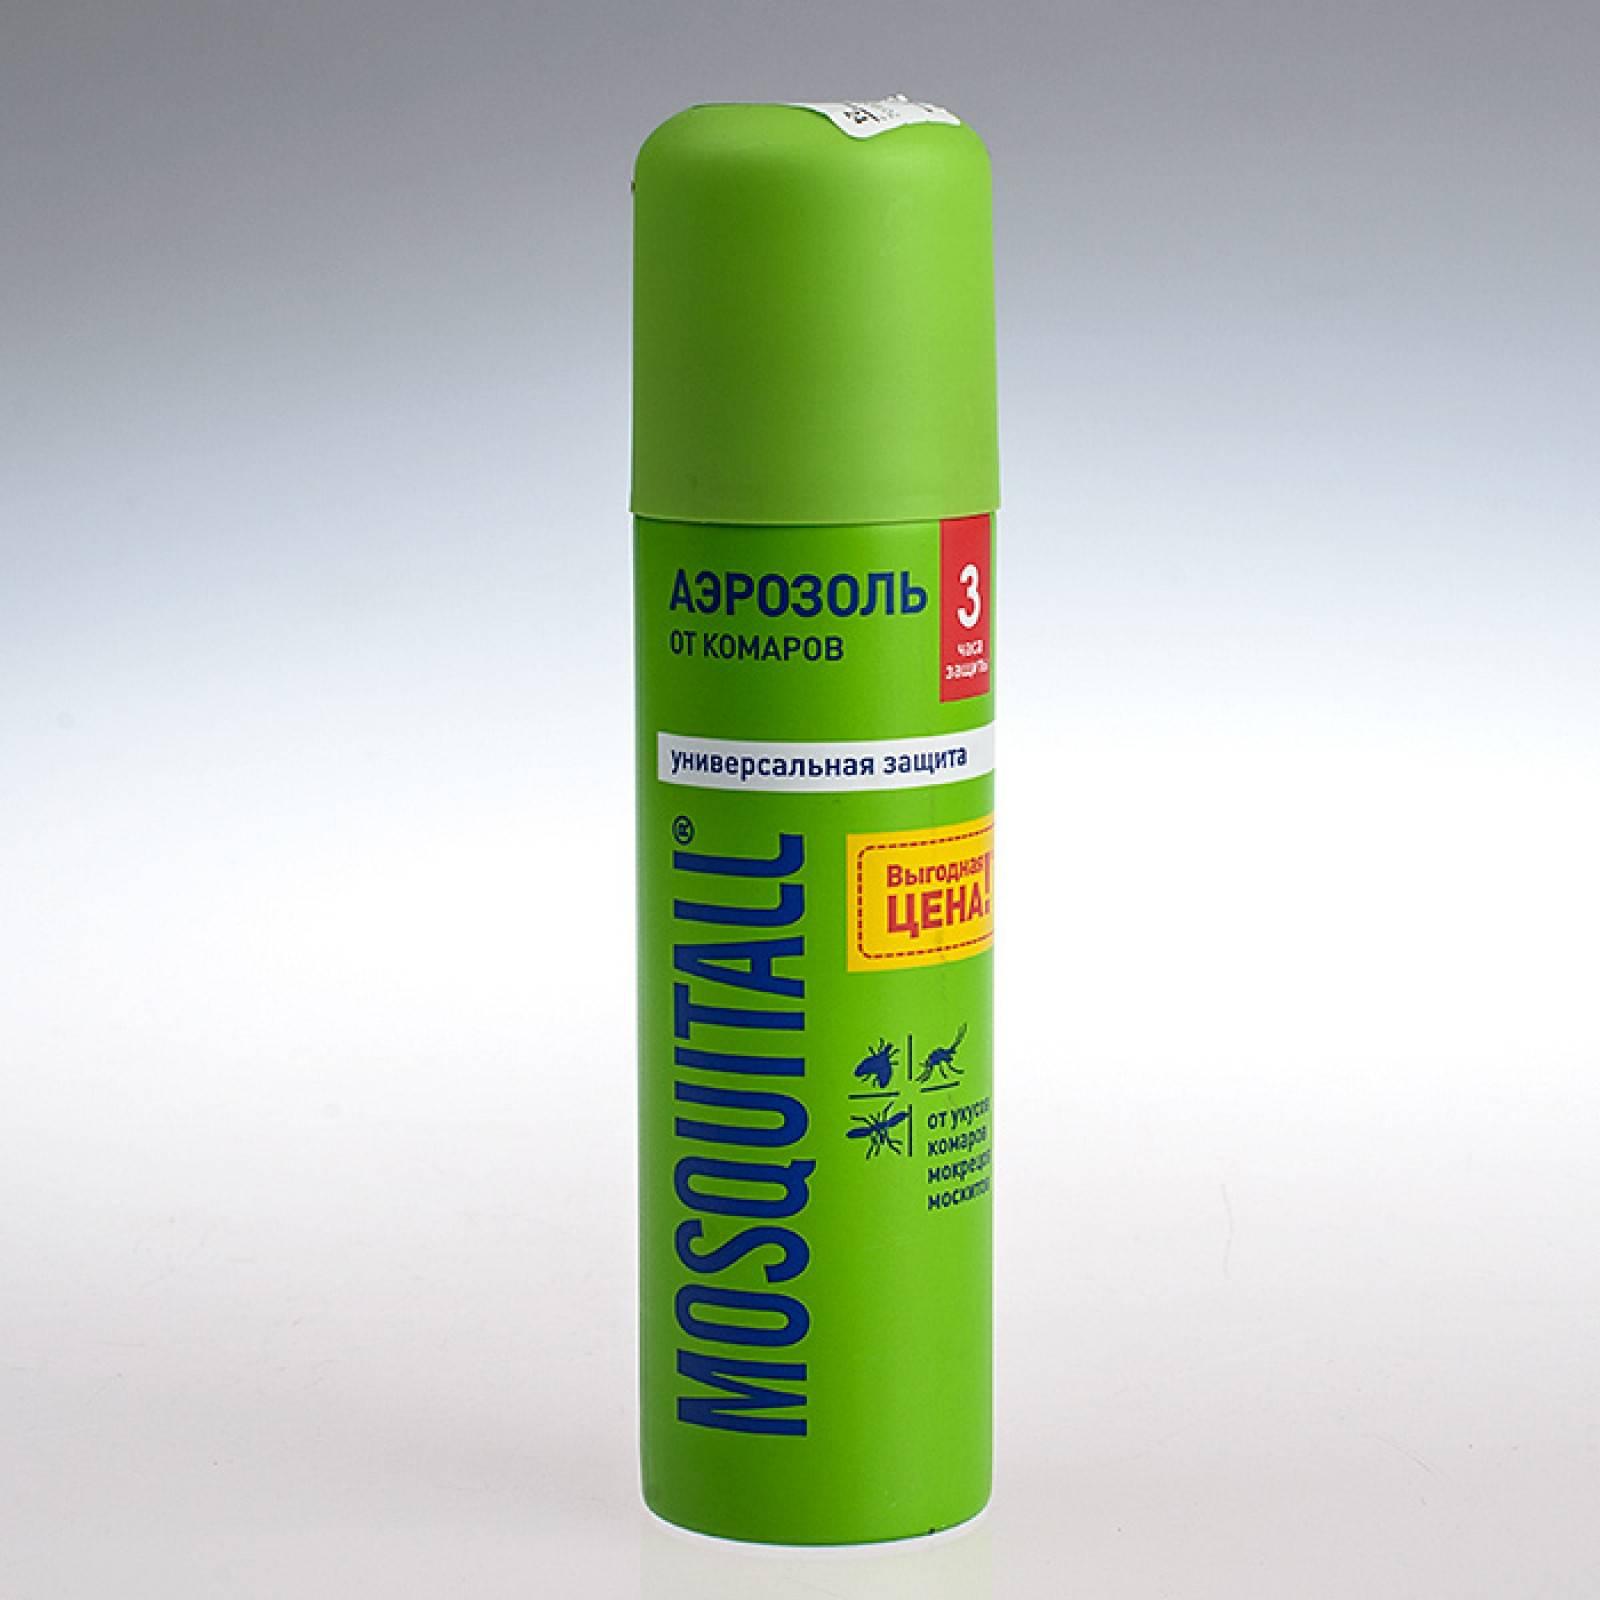 Mosquitall (москитол) жидкость от комаров (45 ночей), 30 мл